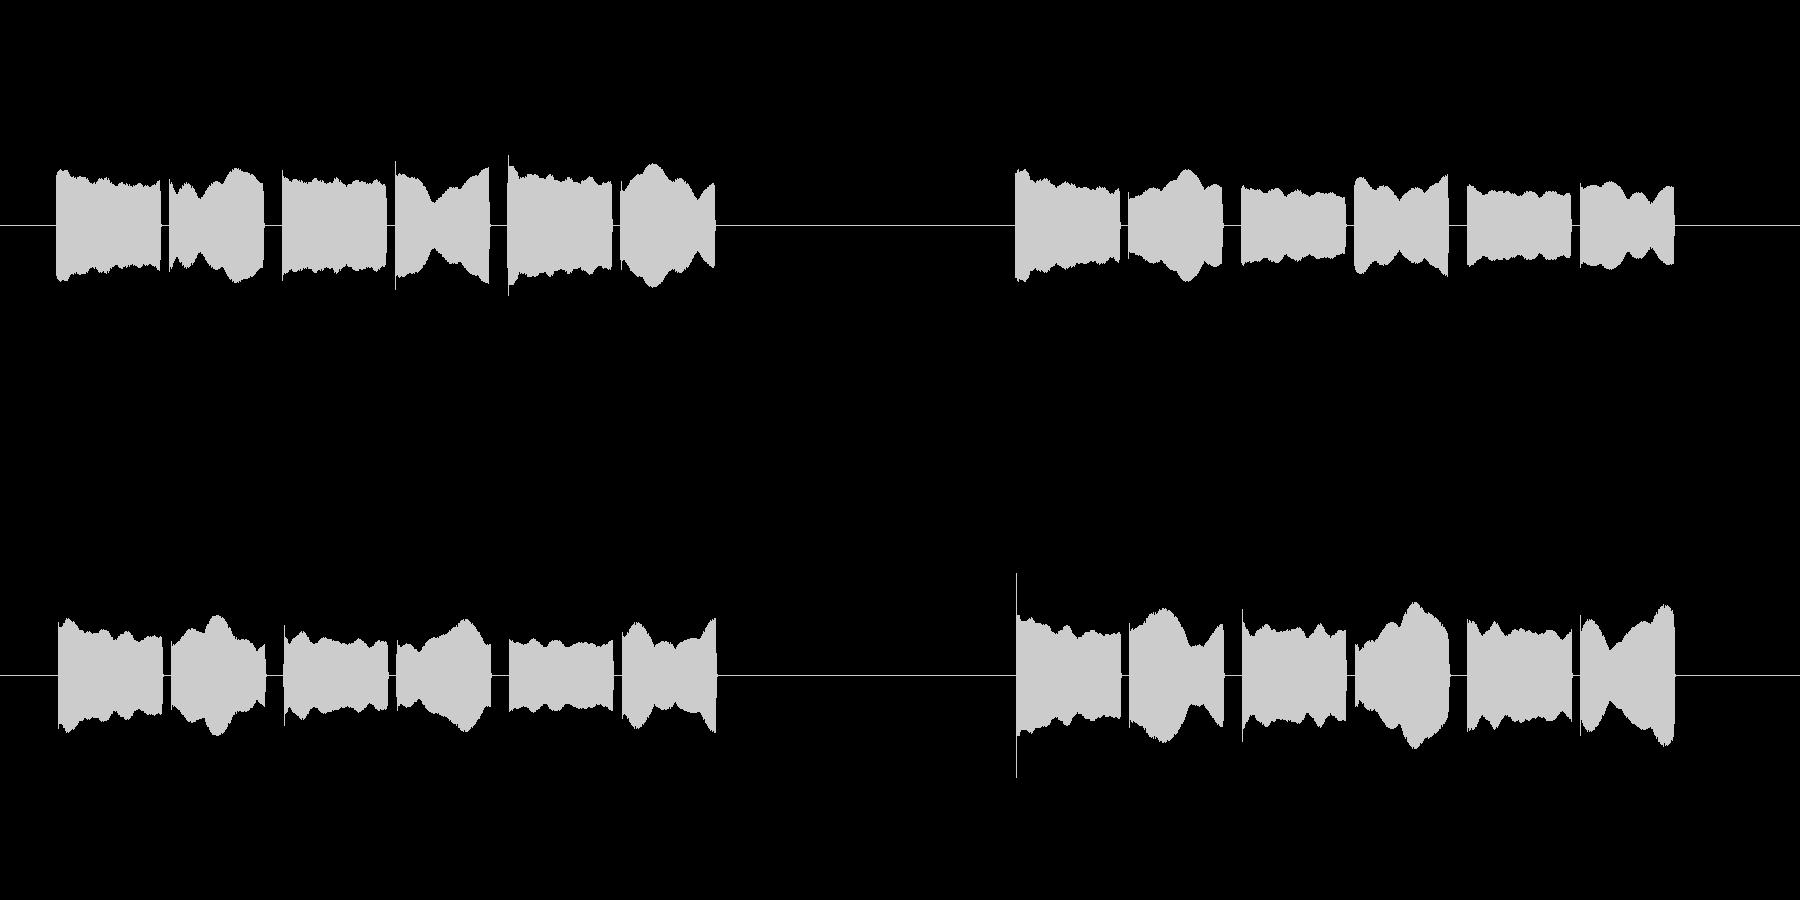 体温計 タイマー 電子音 ピコピコピコの未再生の波形